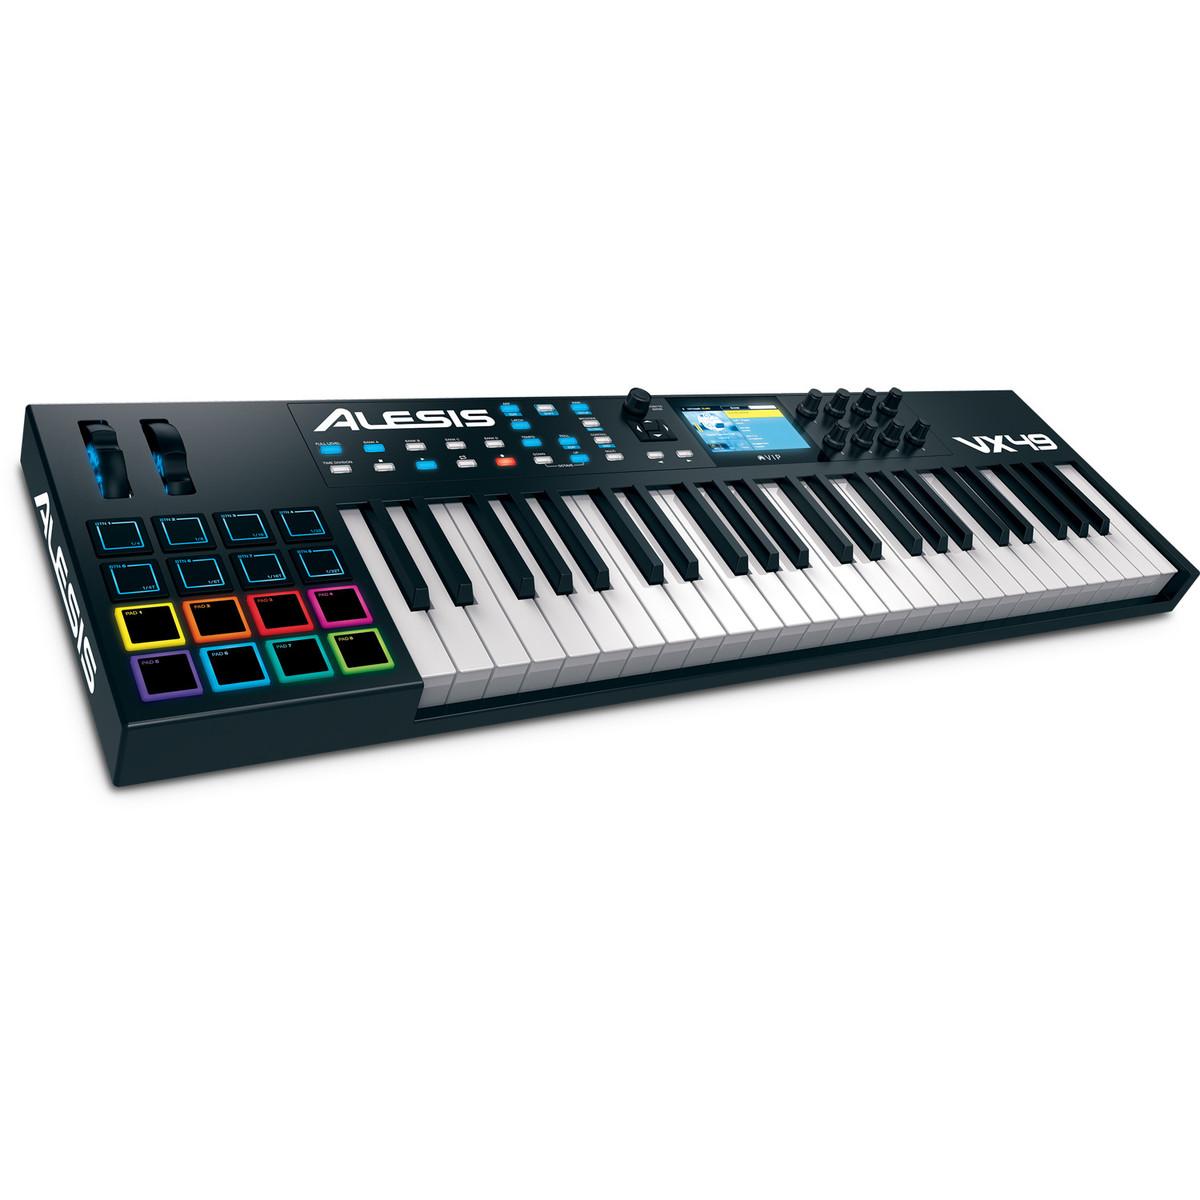 alesis vx49 controller keyboard with vst integration at gear4music. Black Bedroom Furniture Sets. Home Design Ideas